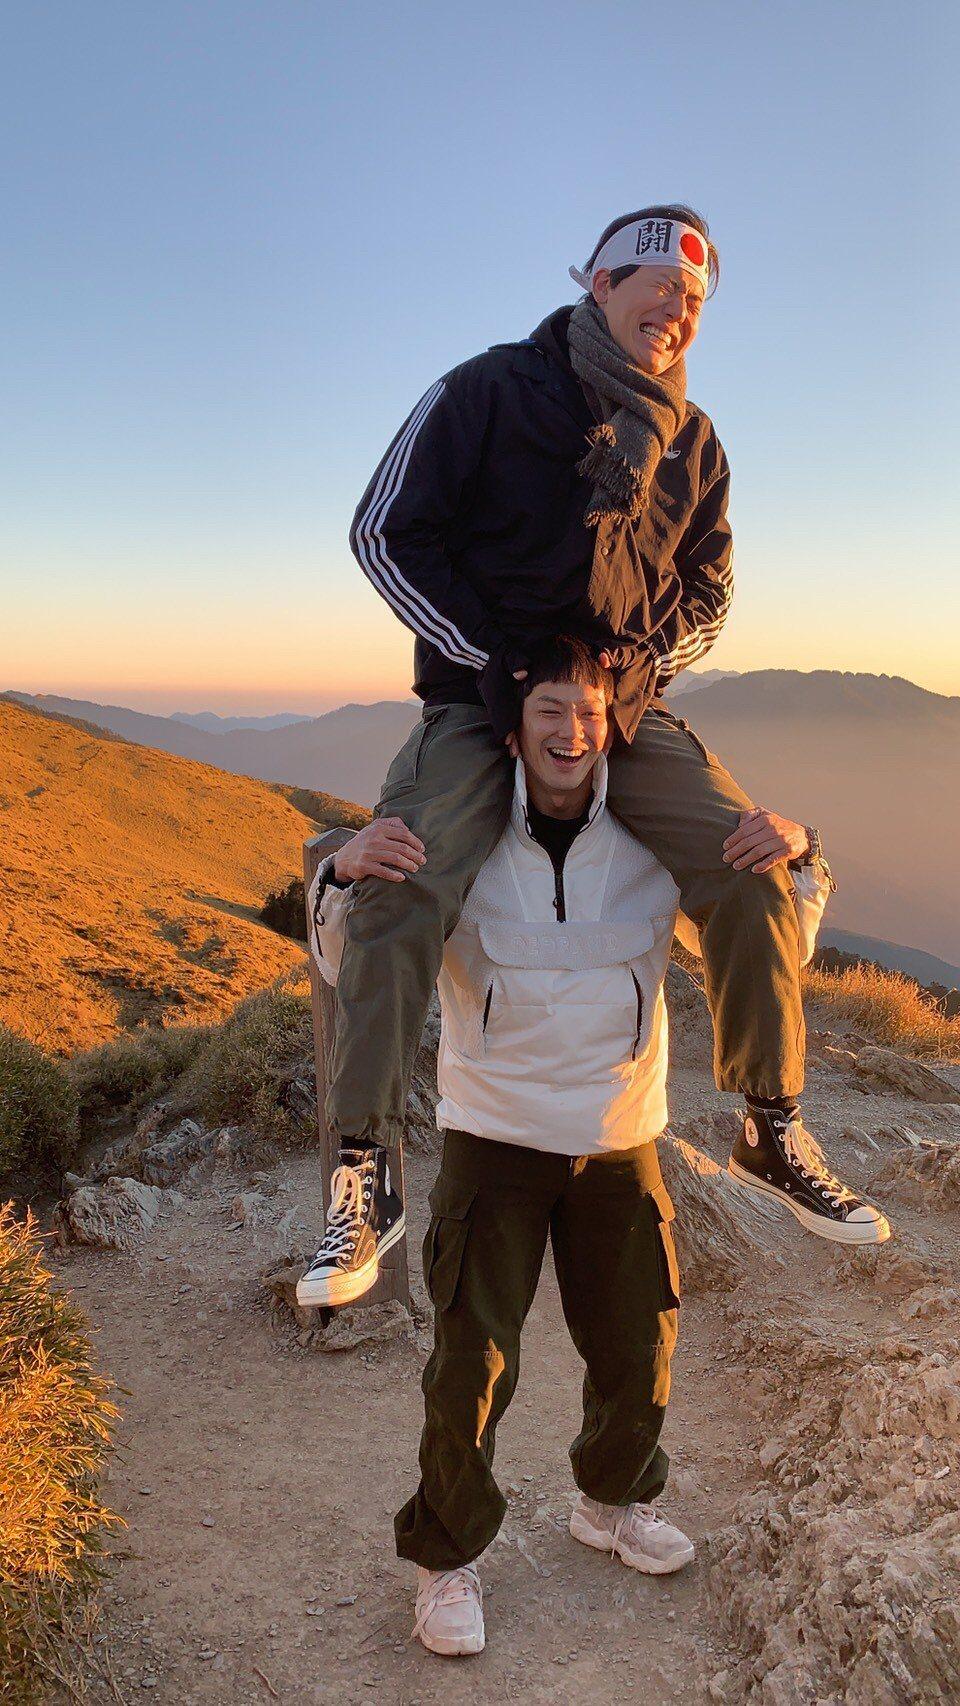 威廉(下)和風田未戰玉山前,先攻合歡山來測試自己的體能。圖/TVBS提供